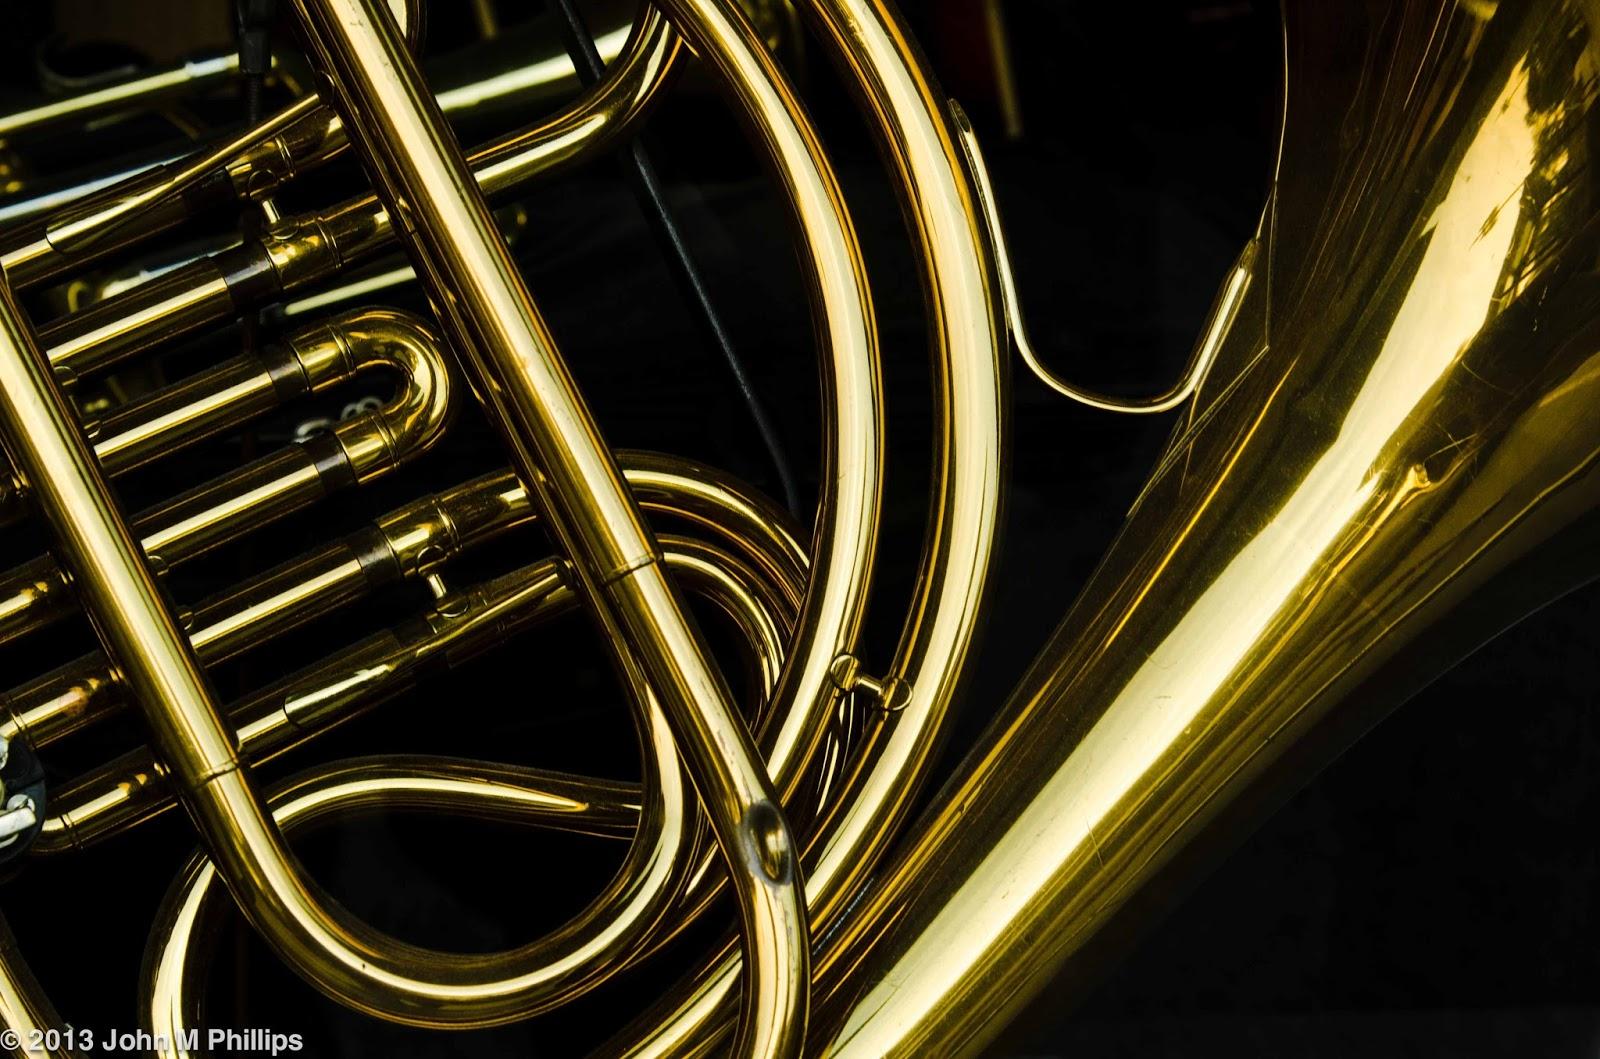 Brass Instruments Some brass instruments